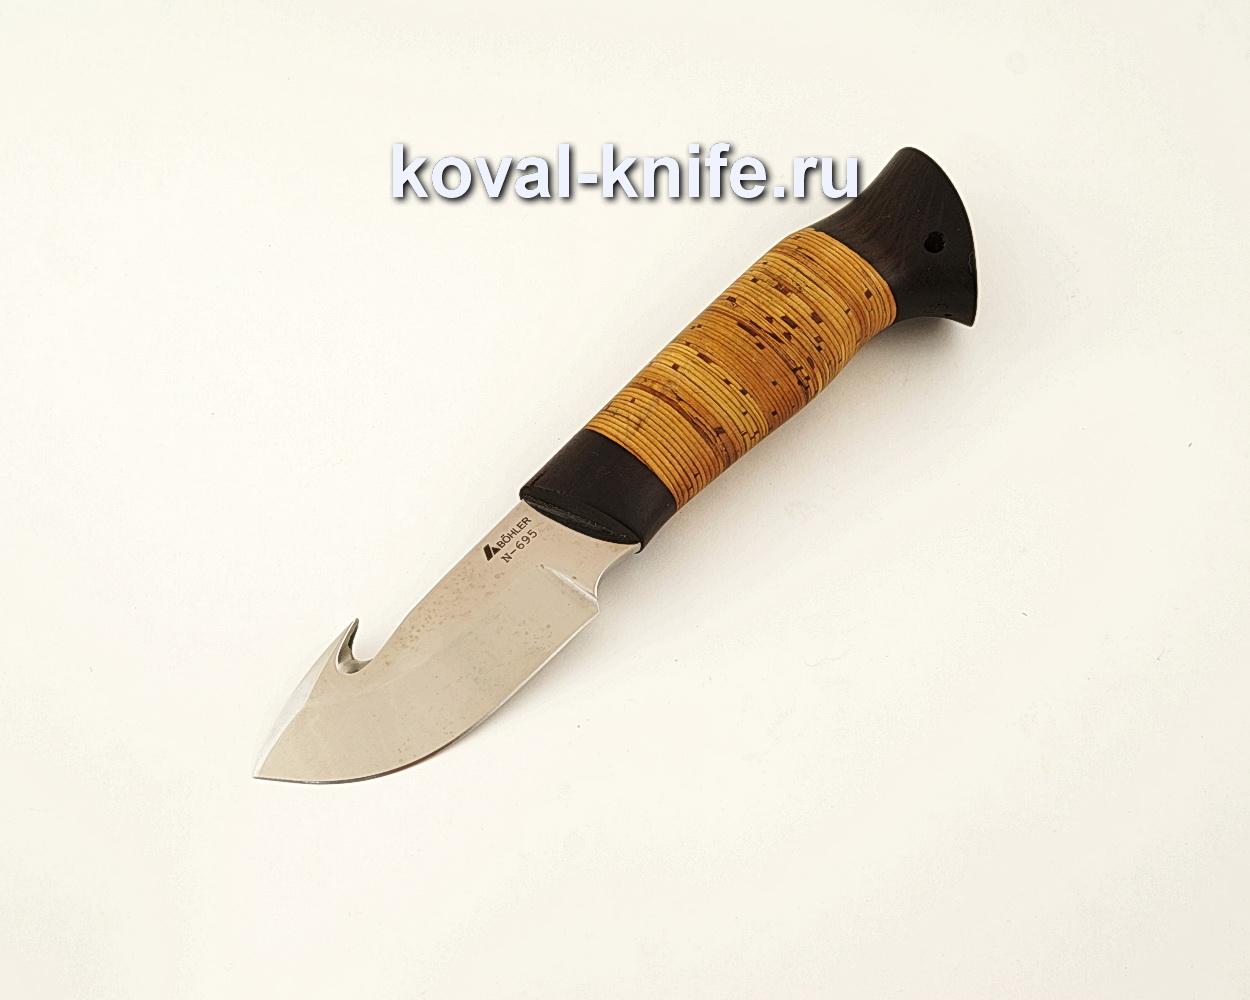 Нож Стропорез из нержавеющей стали Bohler N695 с рукоятью из бересты  A626